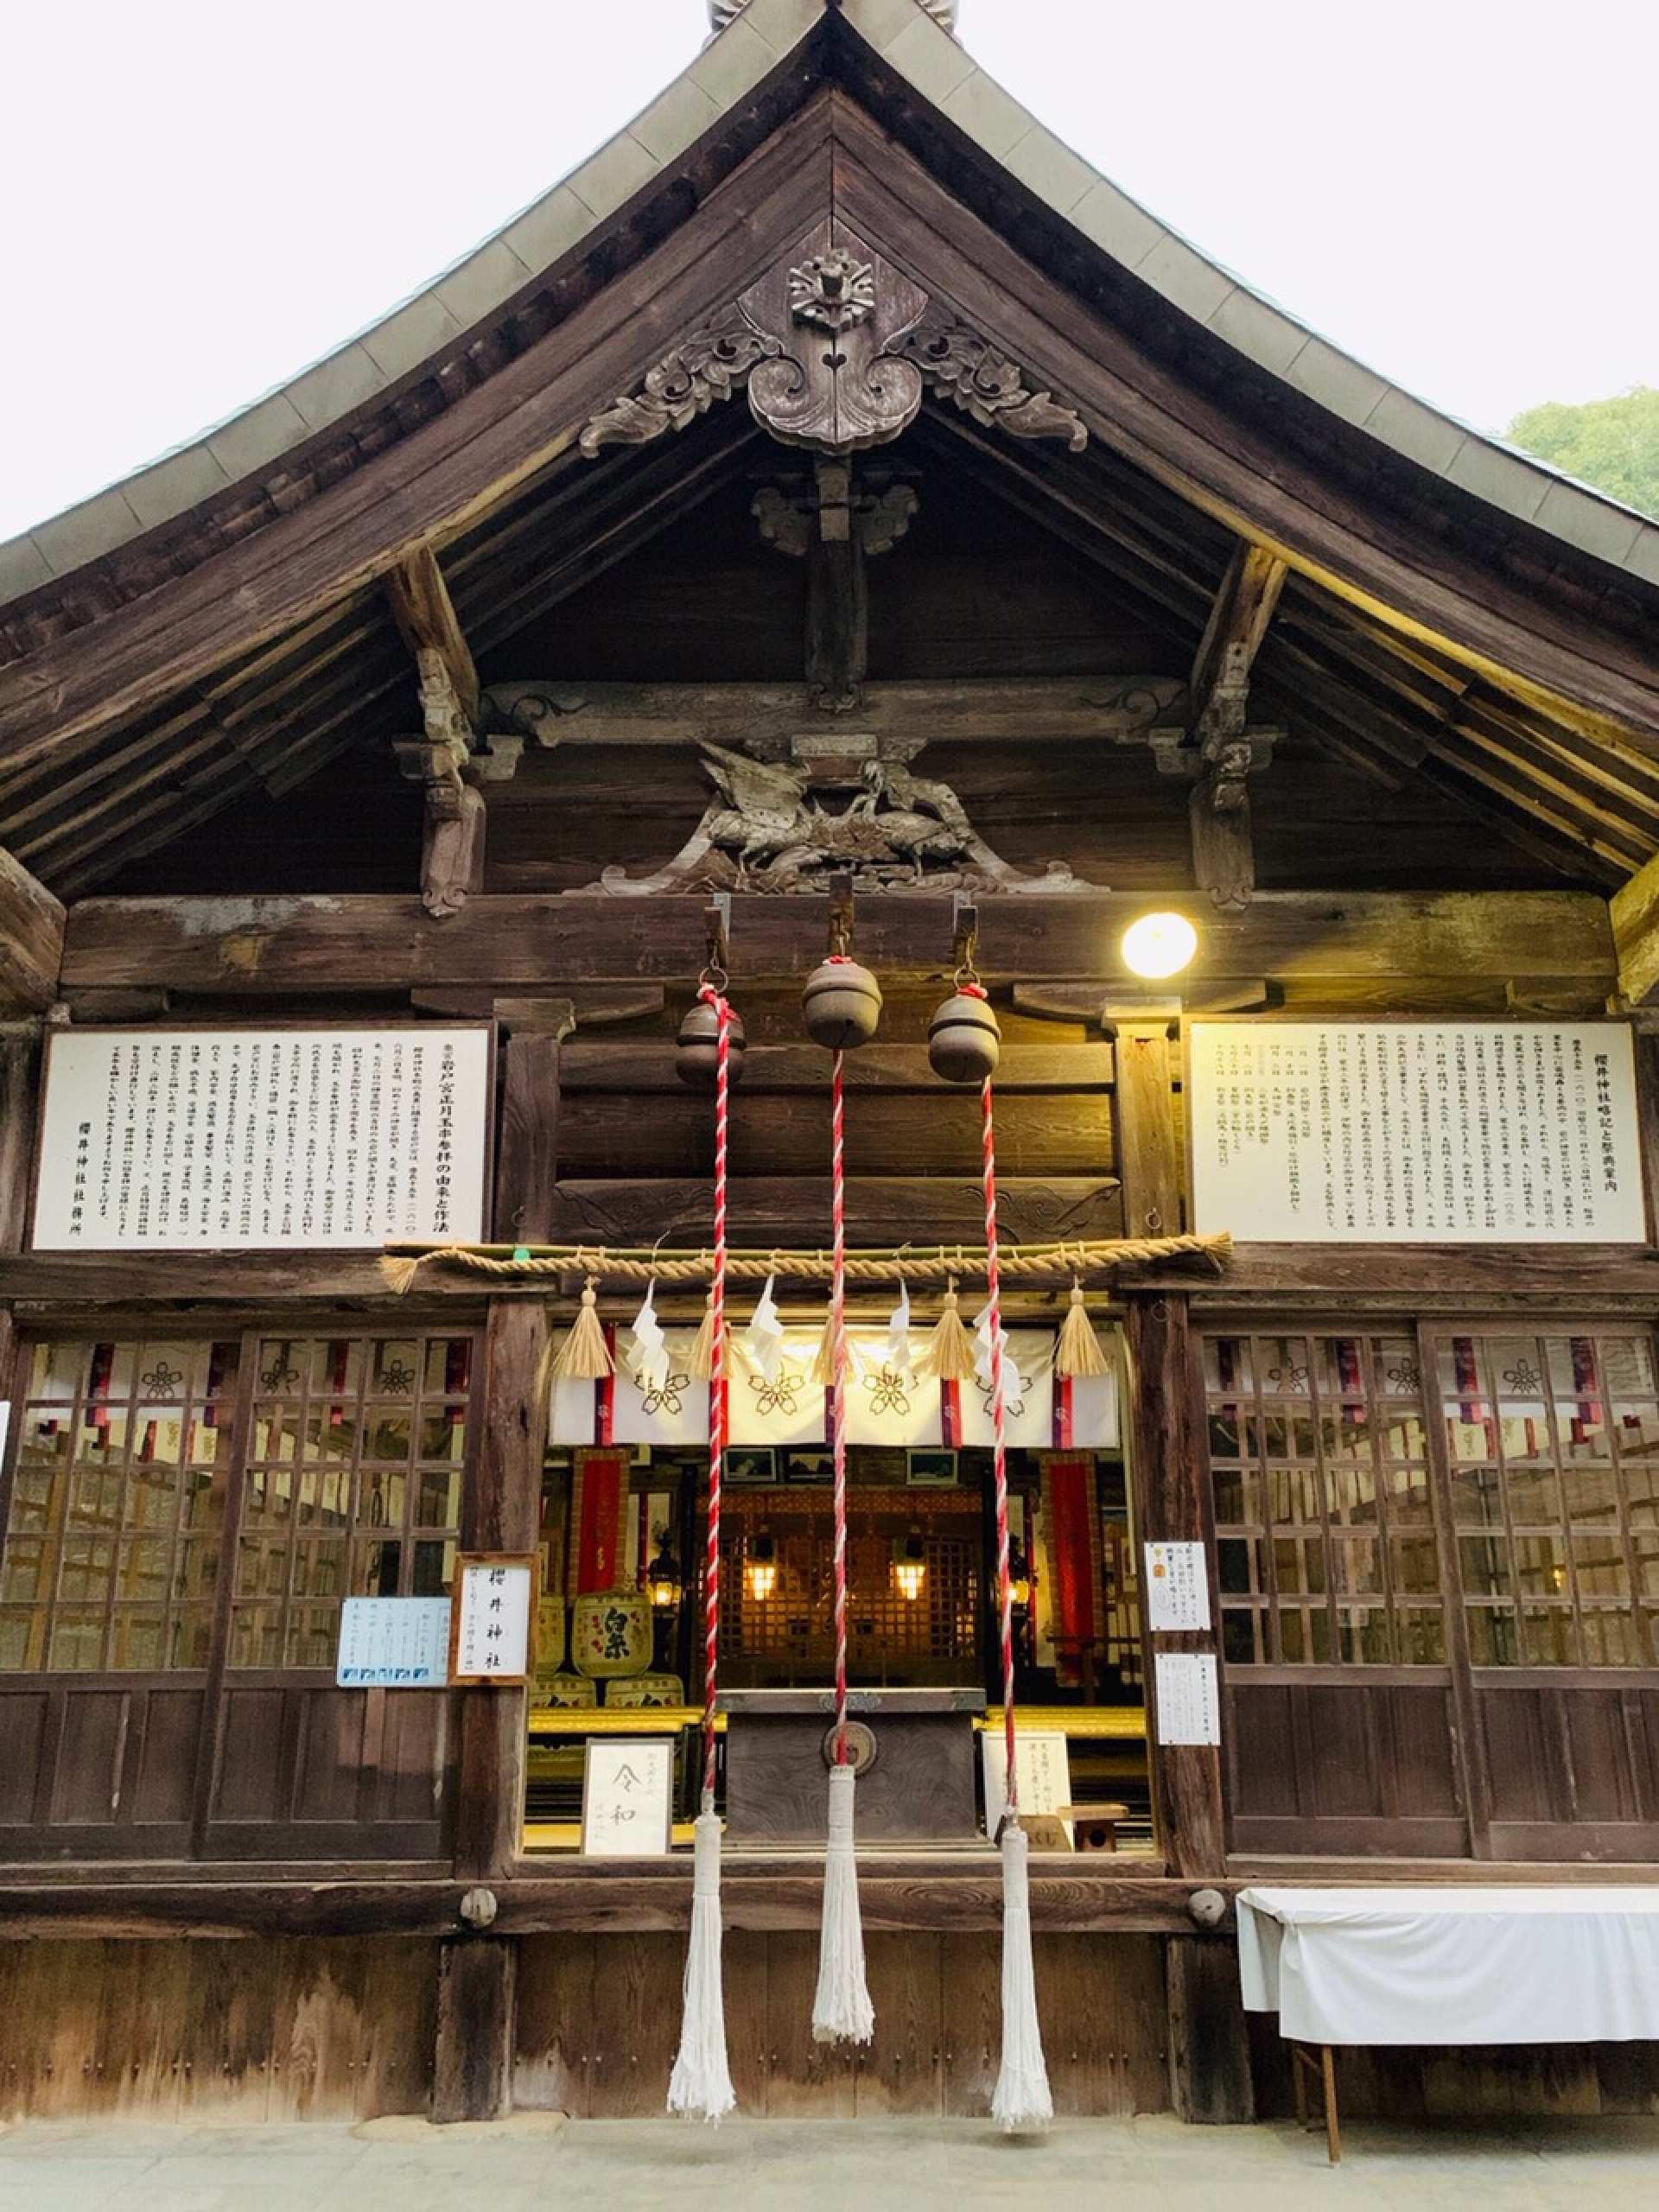 【九州巴士一日遊】糸島牡蠣小屋・櫻井神社・一蘭之森一日遊(福岡出發)